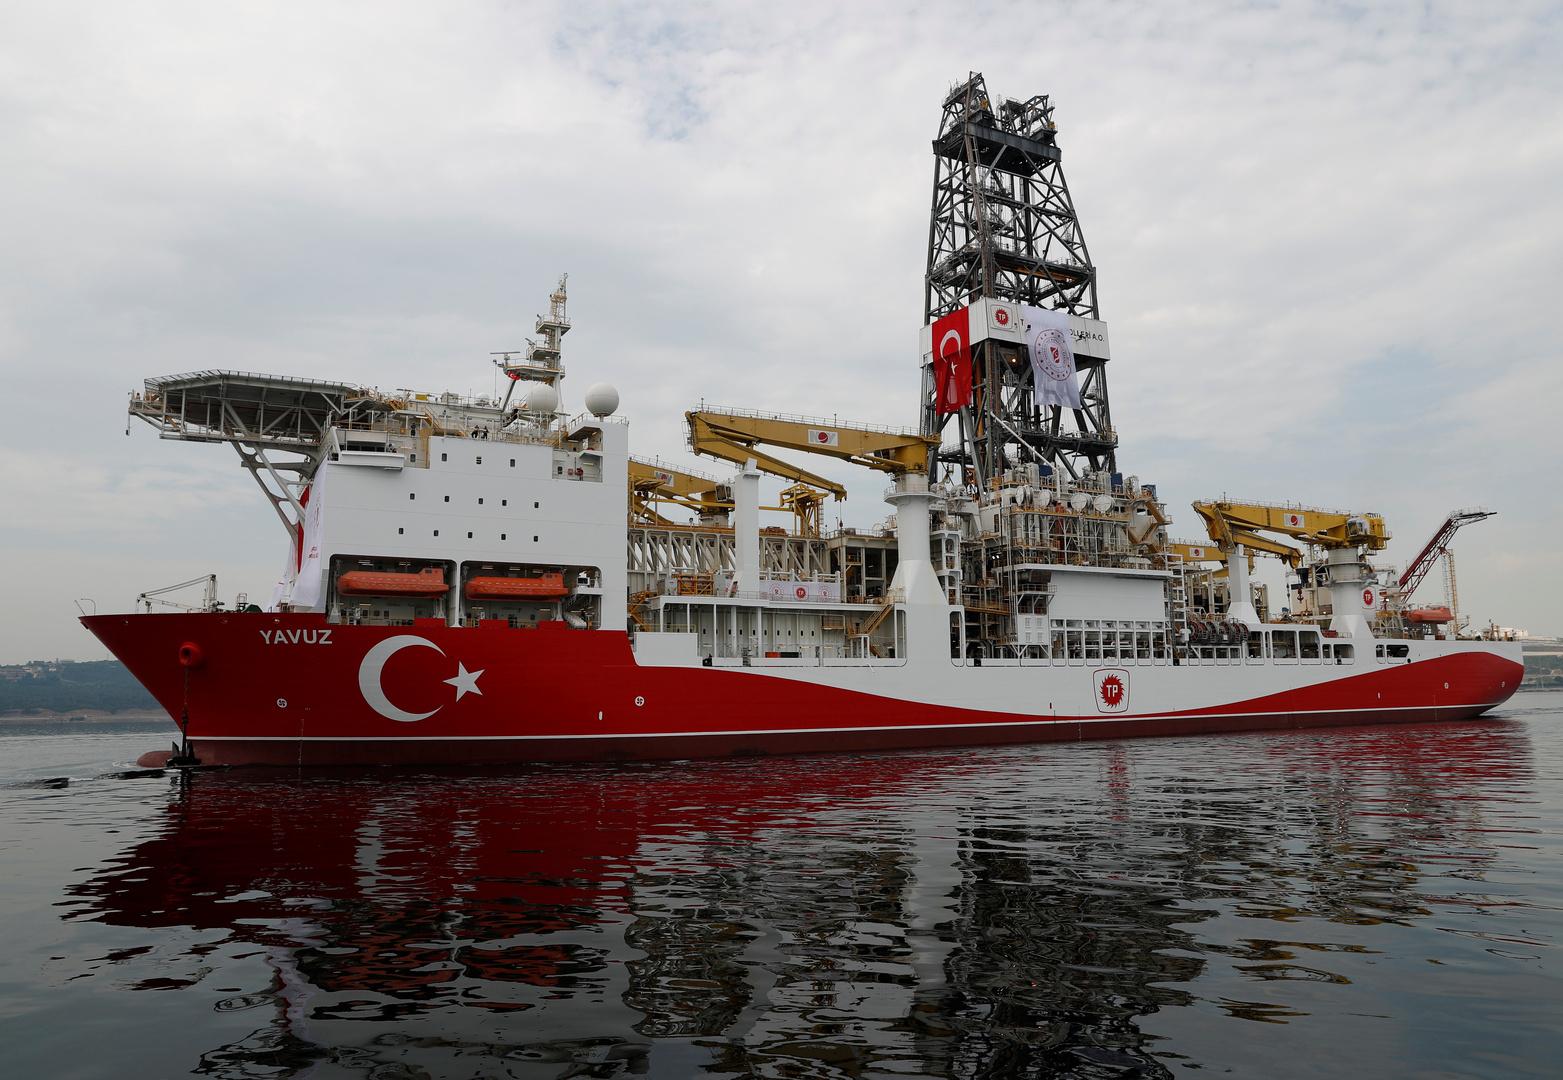 اليونان تدين إعادة تركيا سفينة تنقيب إلى شرق المتوسط وتعتبر ذلك تهديدا مباشرا للسلام